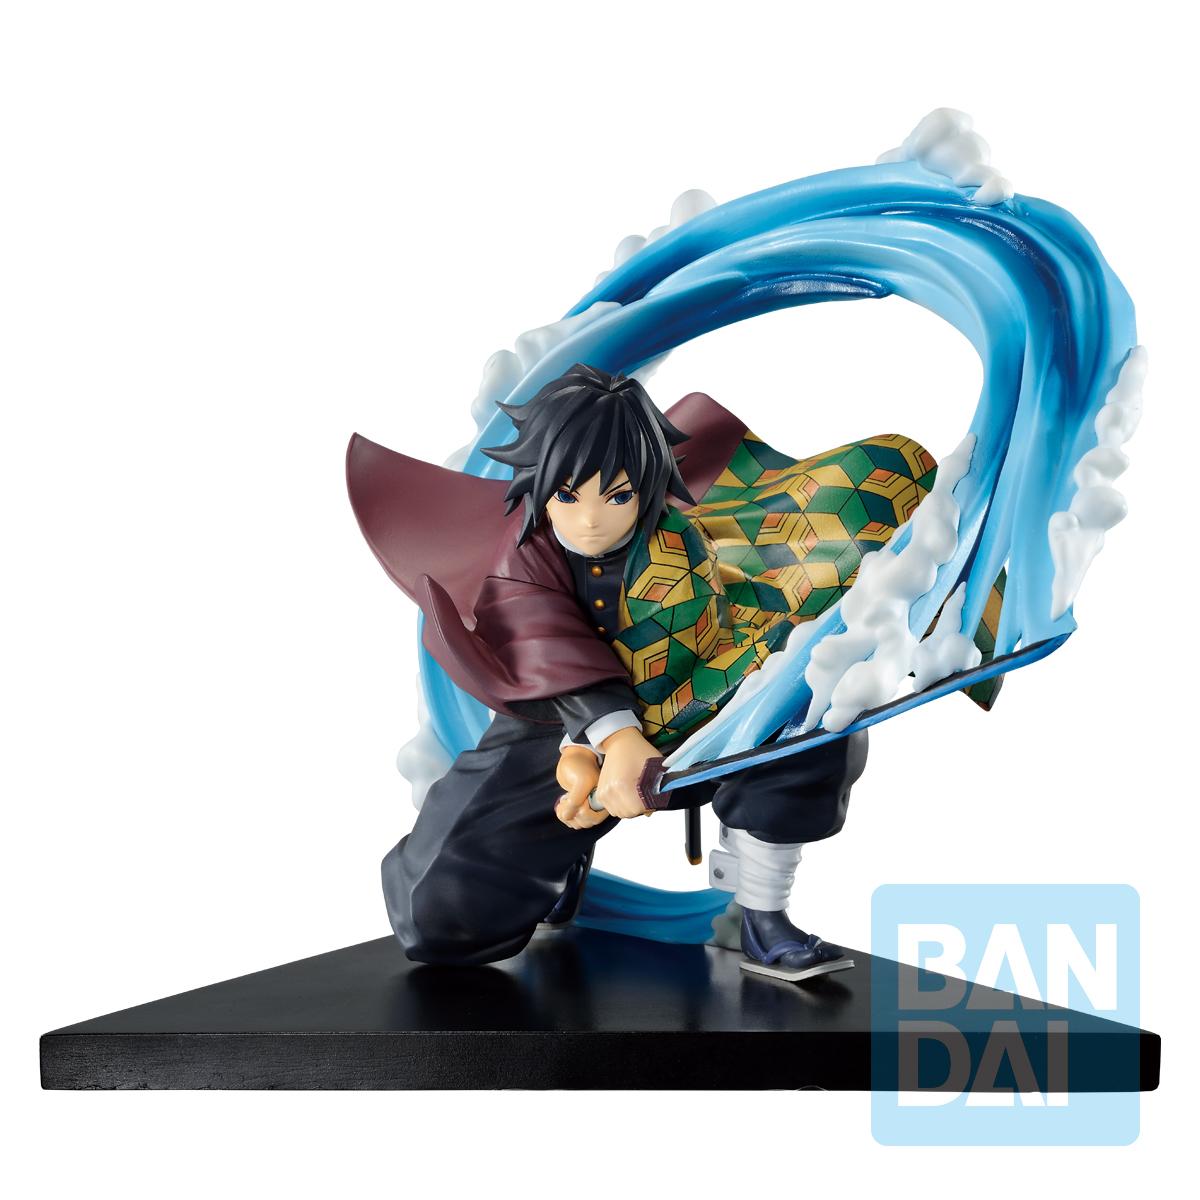 """Bandai Spirits Ichibansho Figure Giyu Tomioka(Proceed With Unbreakable Heart And Sword) """"Demon Slayer: Kimetsu no Yaiba"""""""